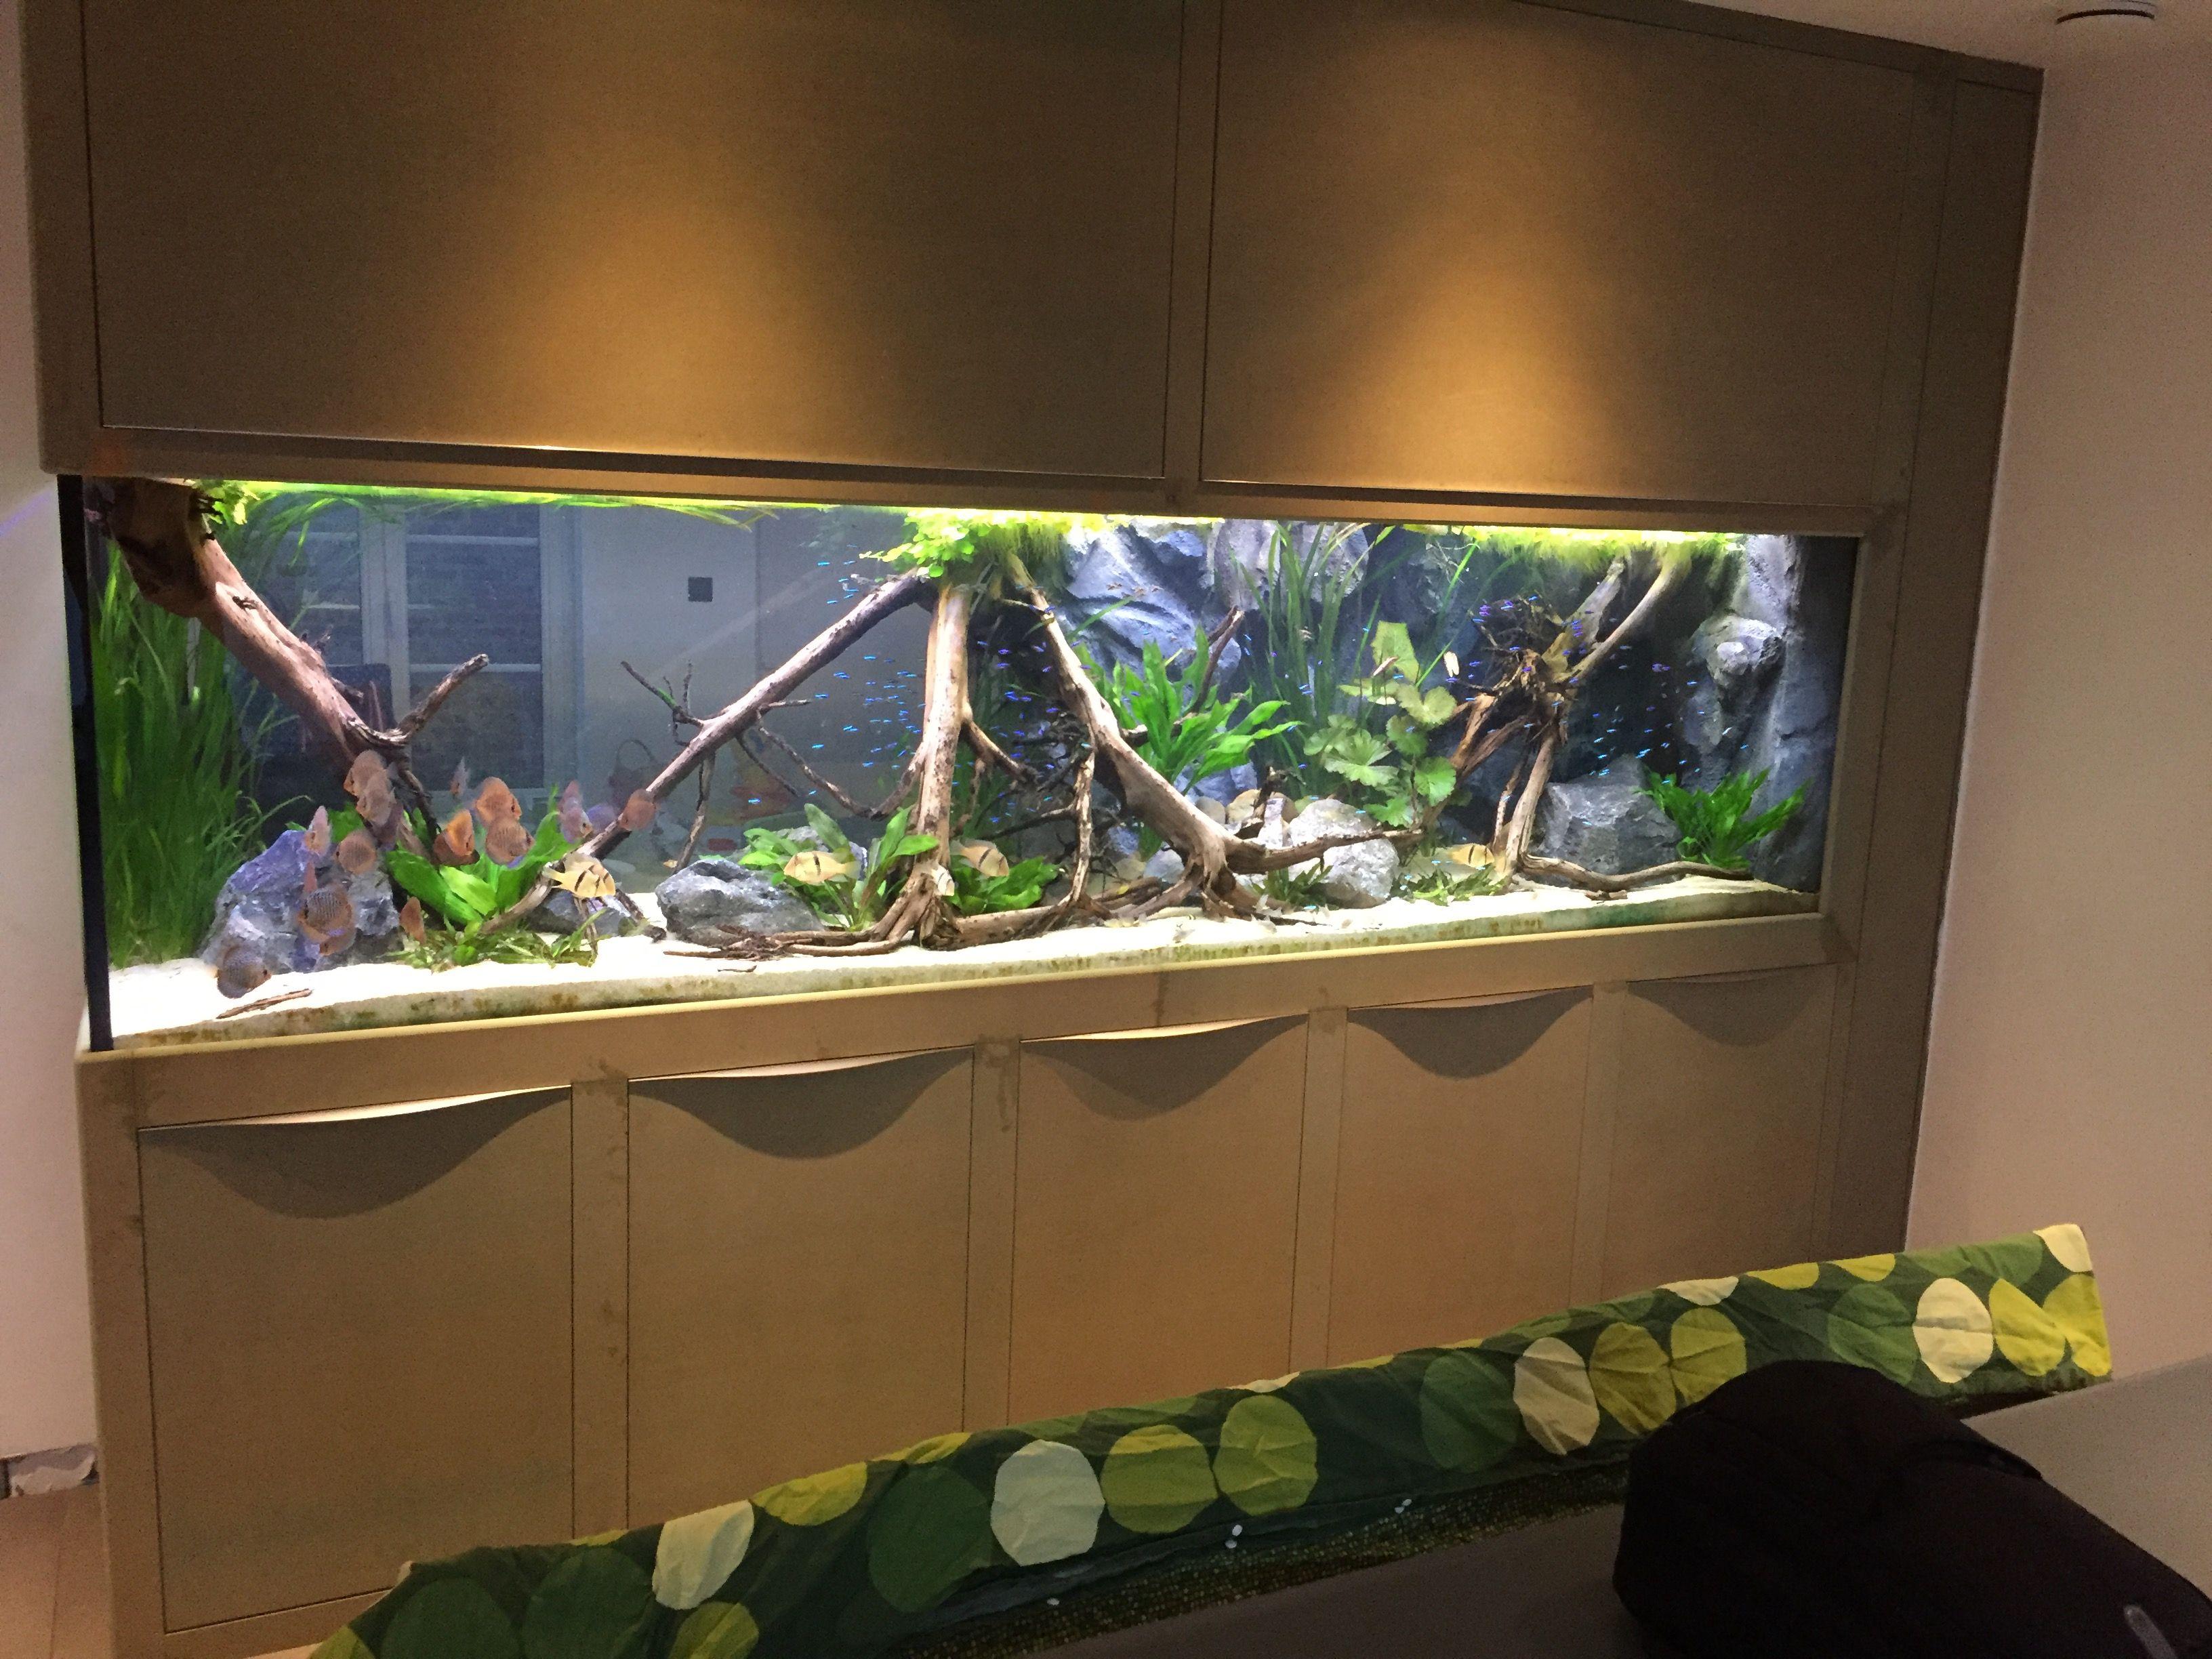 Discus aquarium 2200 liter fish tankes Pinterest